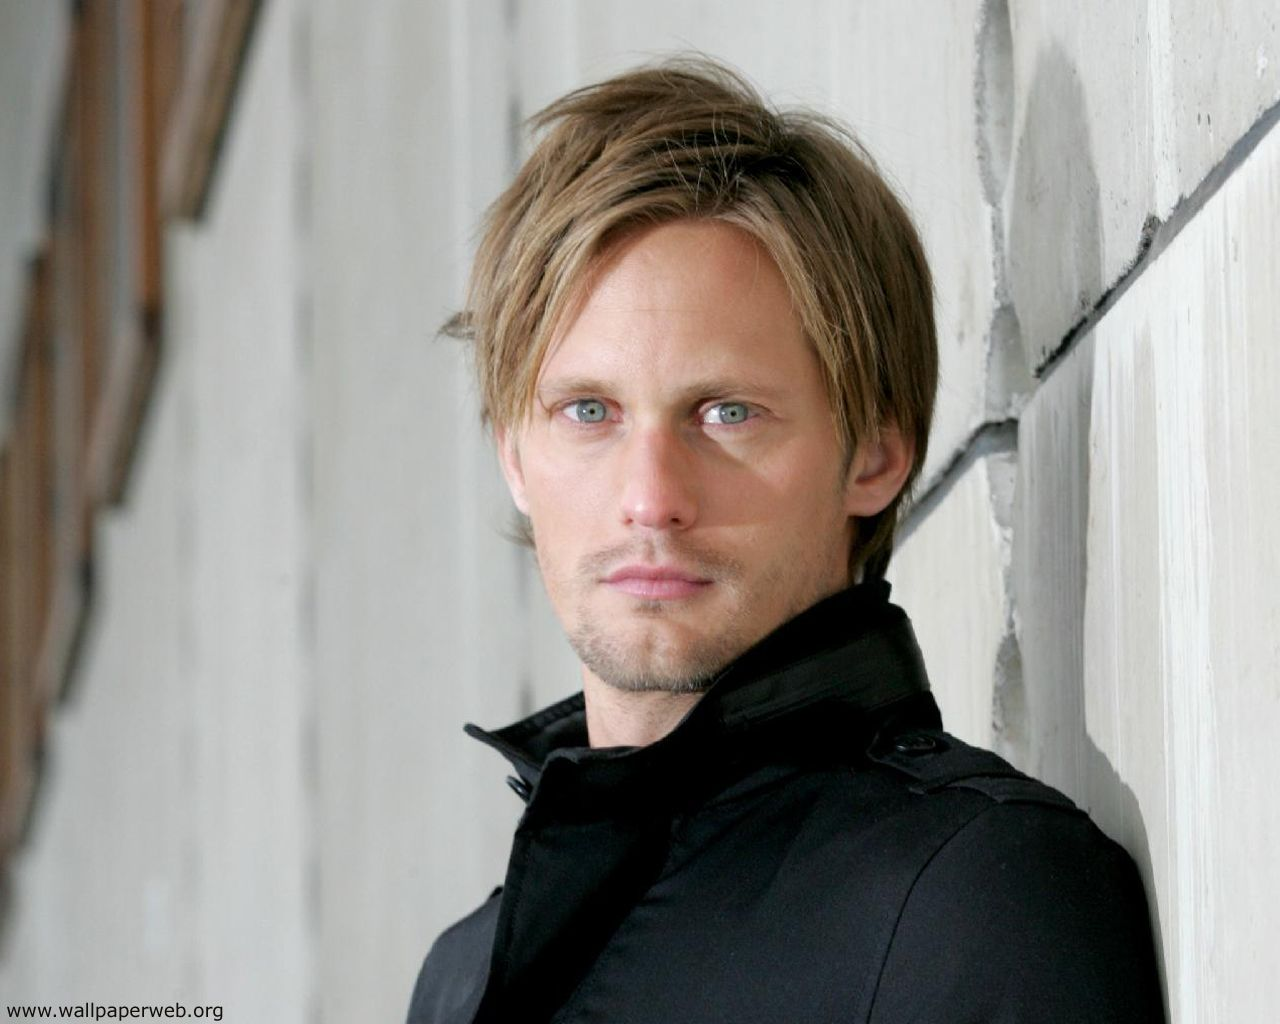 http://4.bp.blogspot.com/-HNXQZBtfftA/TcUOSwwWjaI/AAAAAAAAA6w/unZARbPaCG8/s1600/Alexander_Skarsgard_06.jpeg